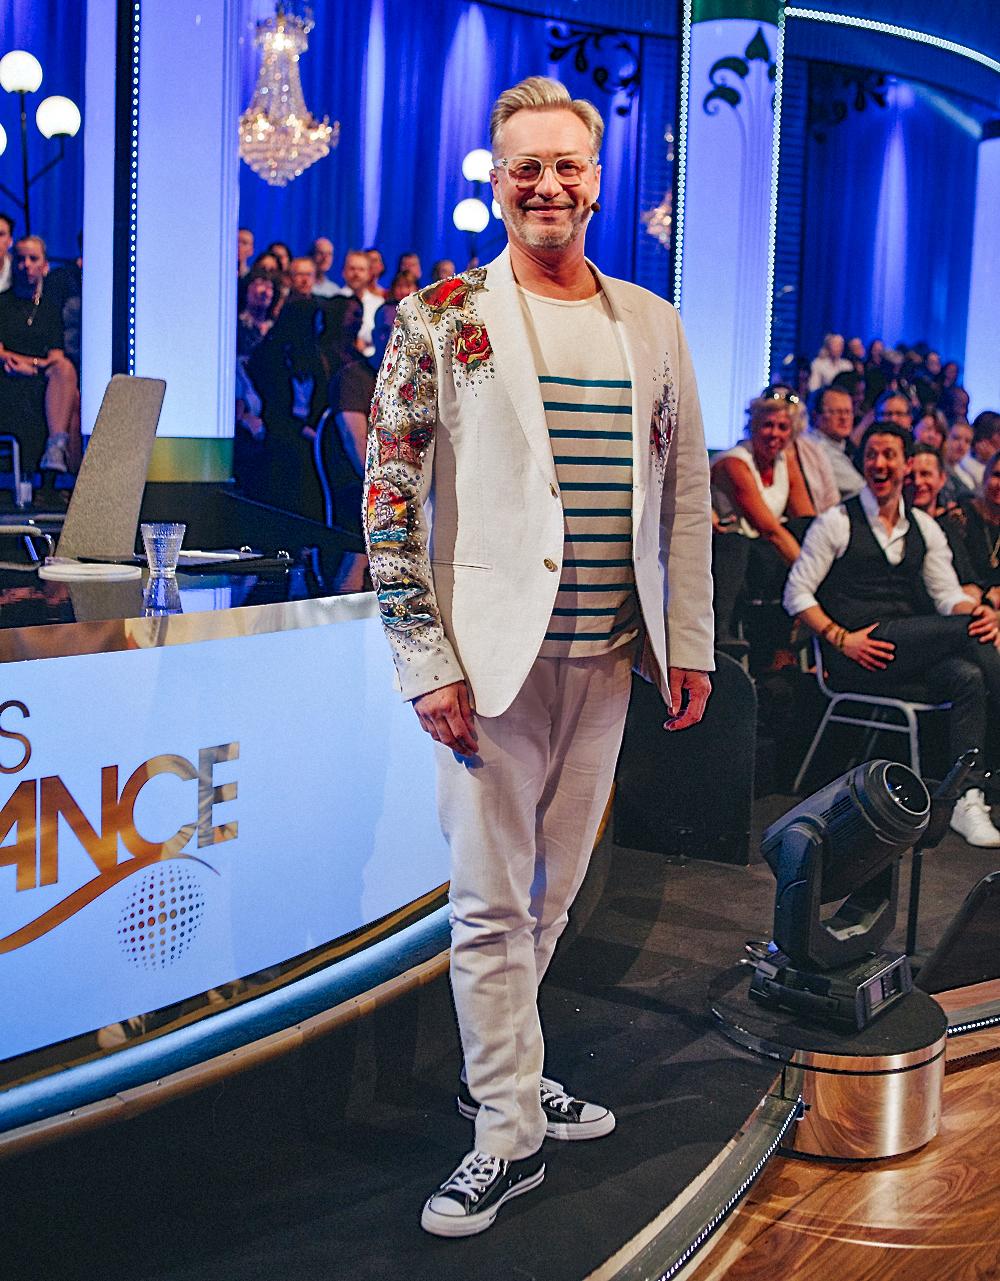 170505_lets_dance_annika_berglund-6204